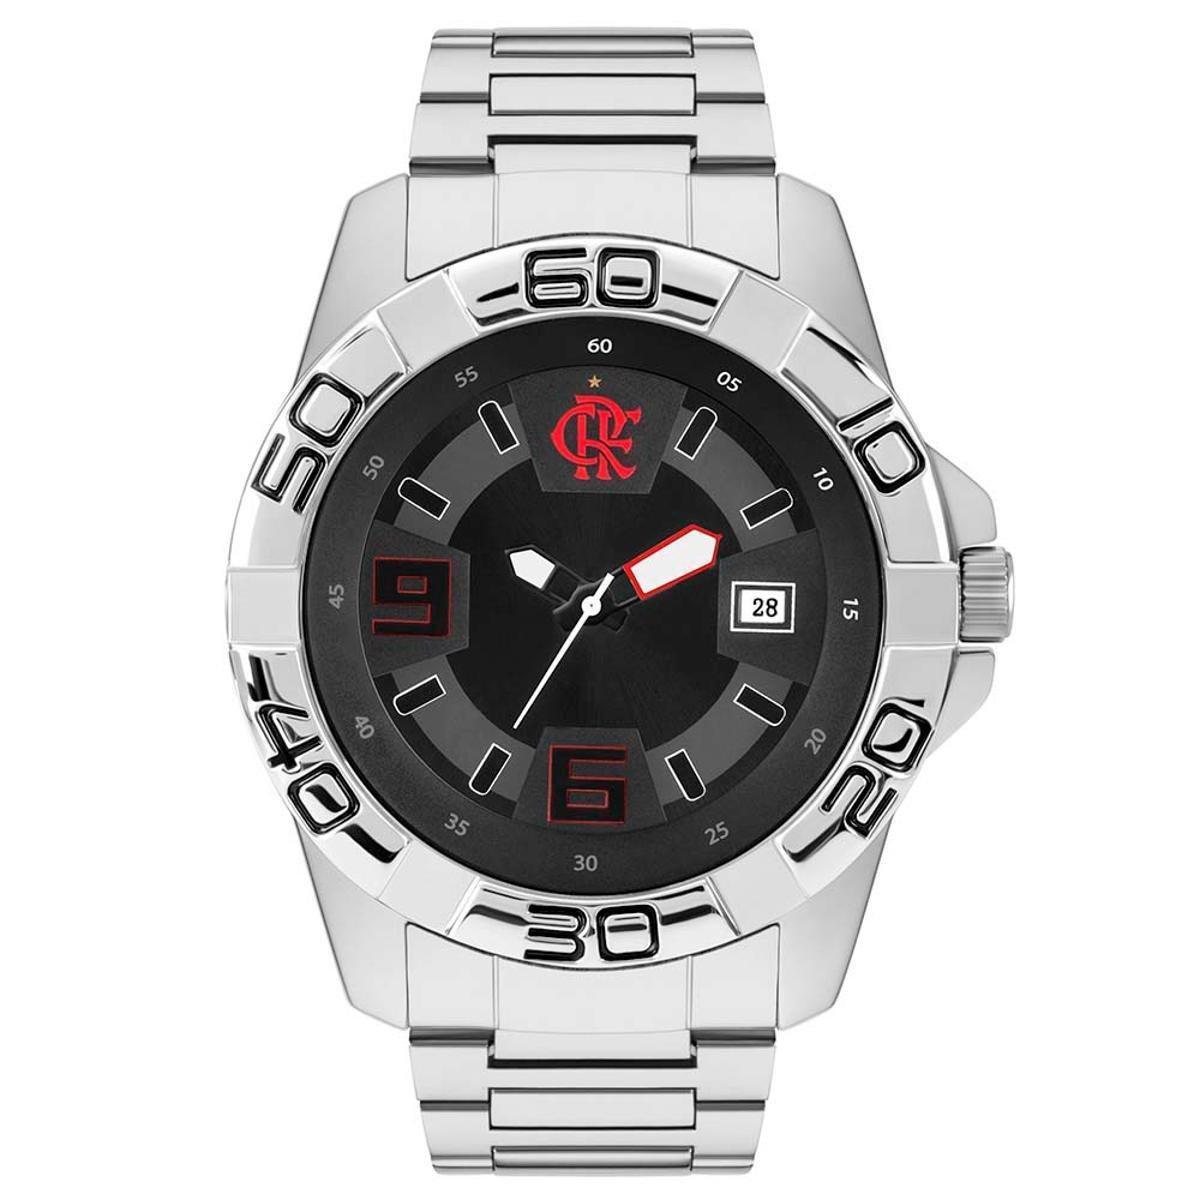 9dc15452490 Relógio Flamengo FLA2415AA 3P - Prata - Compre Agora